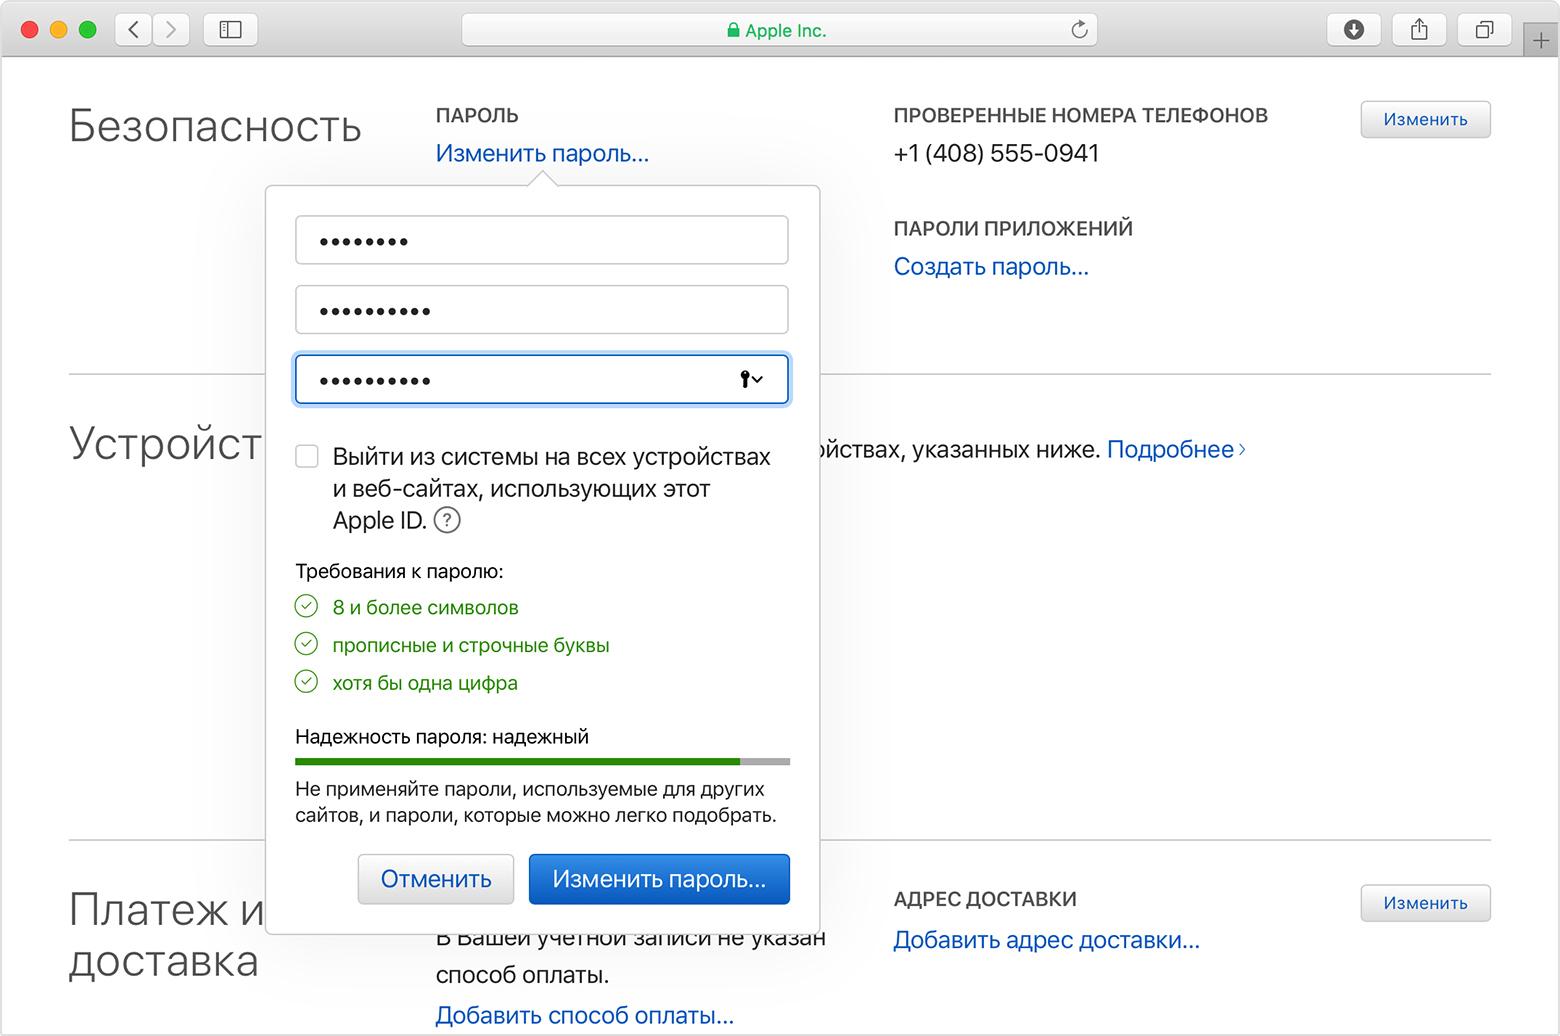 Вход на страницу в Одноклассниках без ввода логина и пароля 55